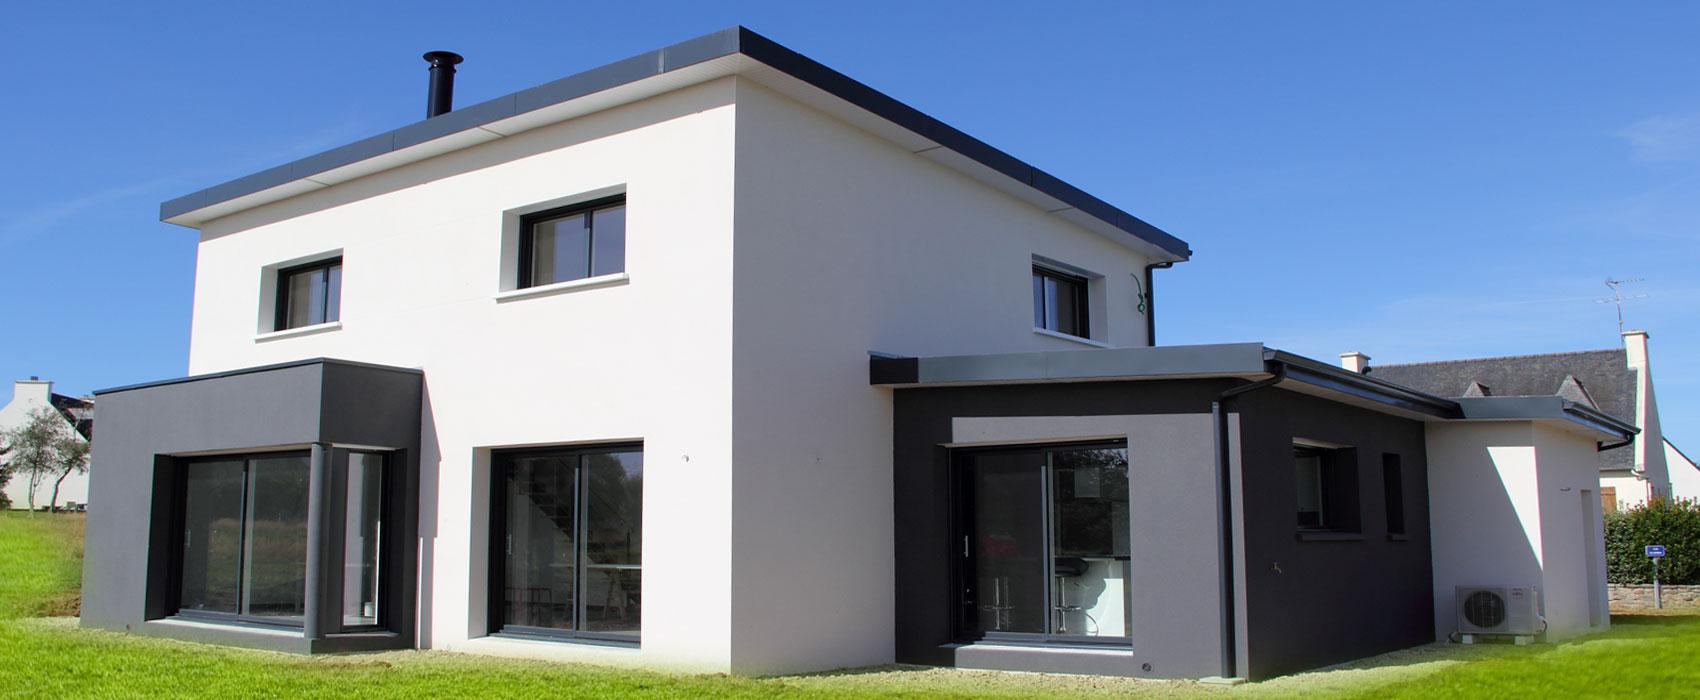 Location maison Nantes: une opportunité de nouvelle vie